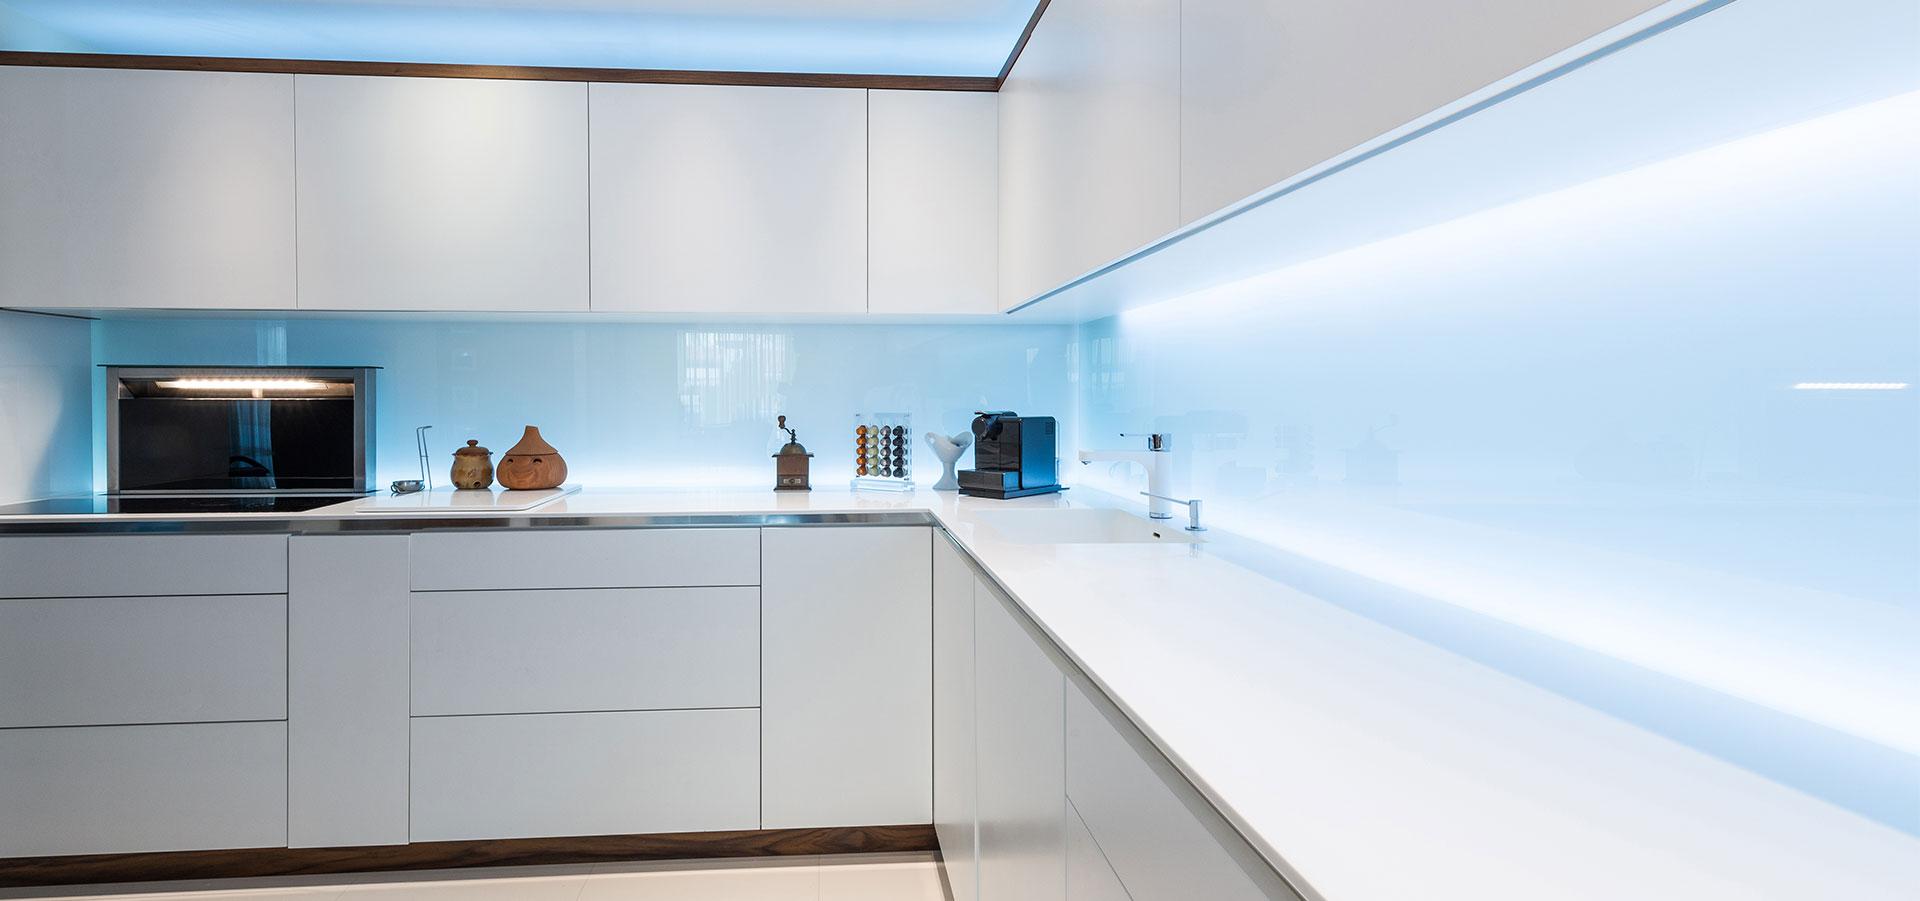 Inspirasjon til hjemmet: glassplate over kjøkkenbenk